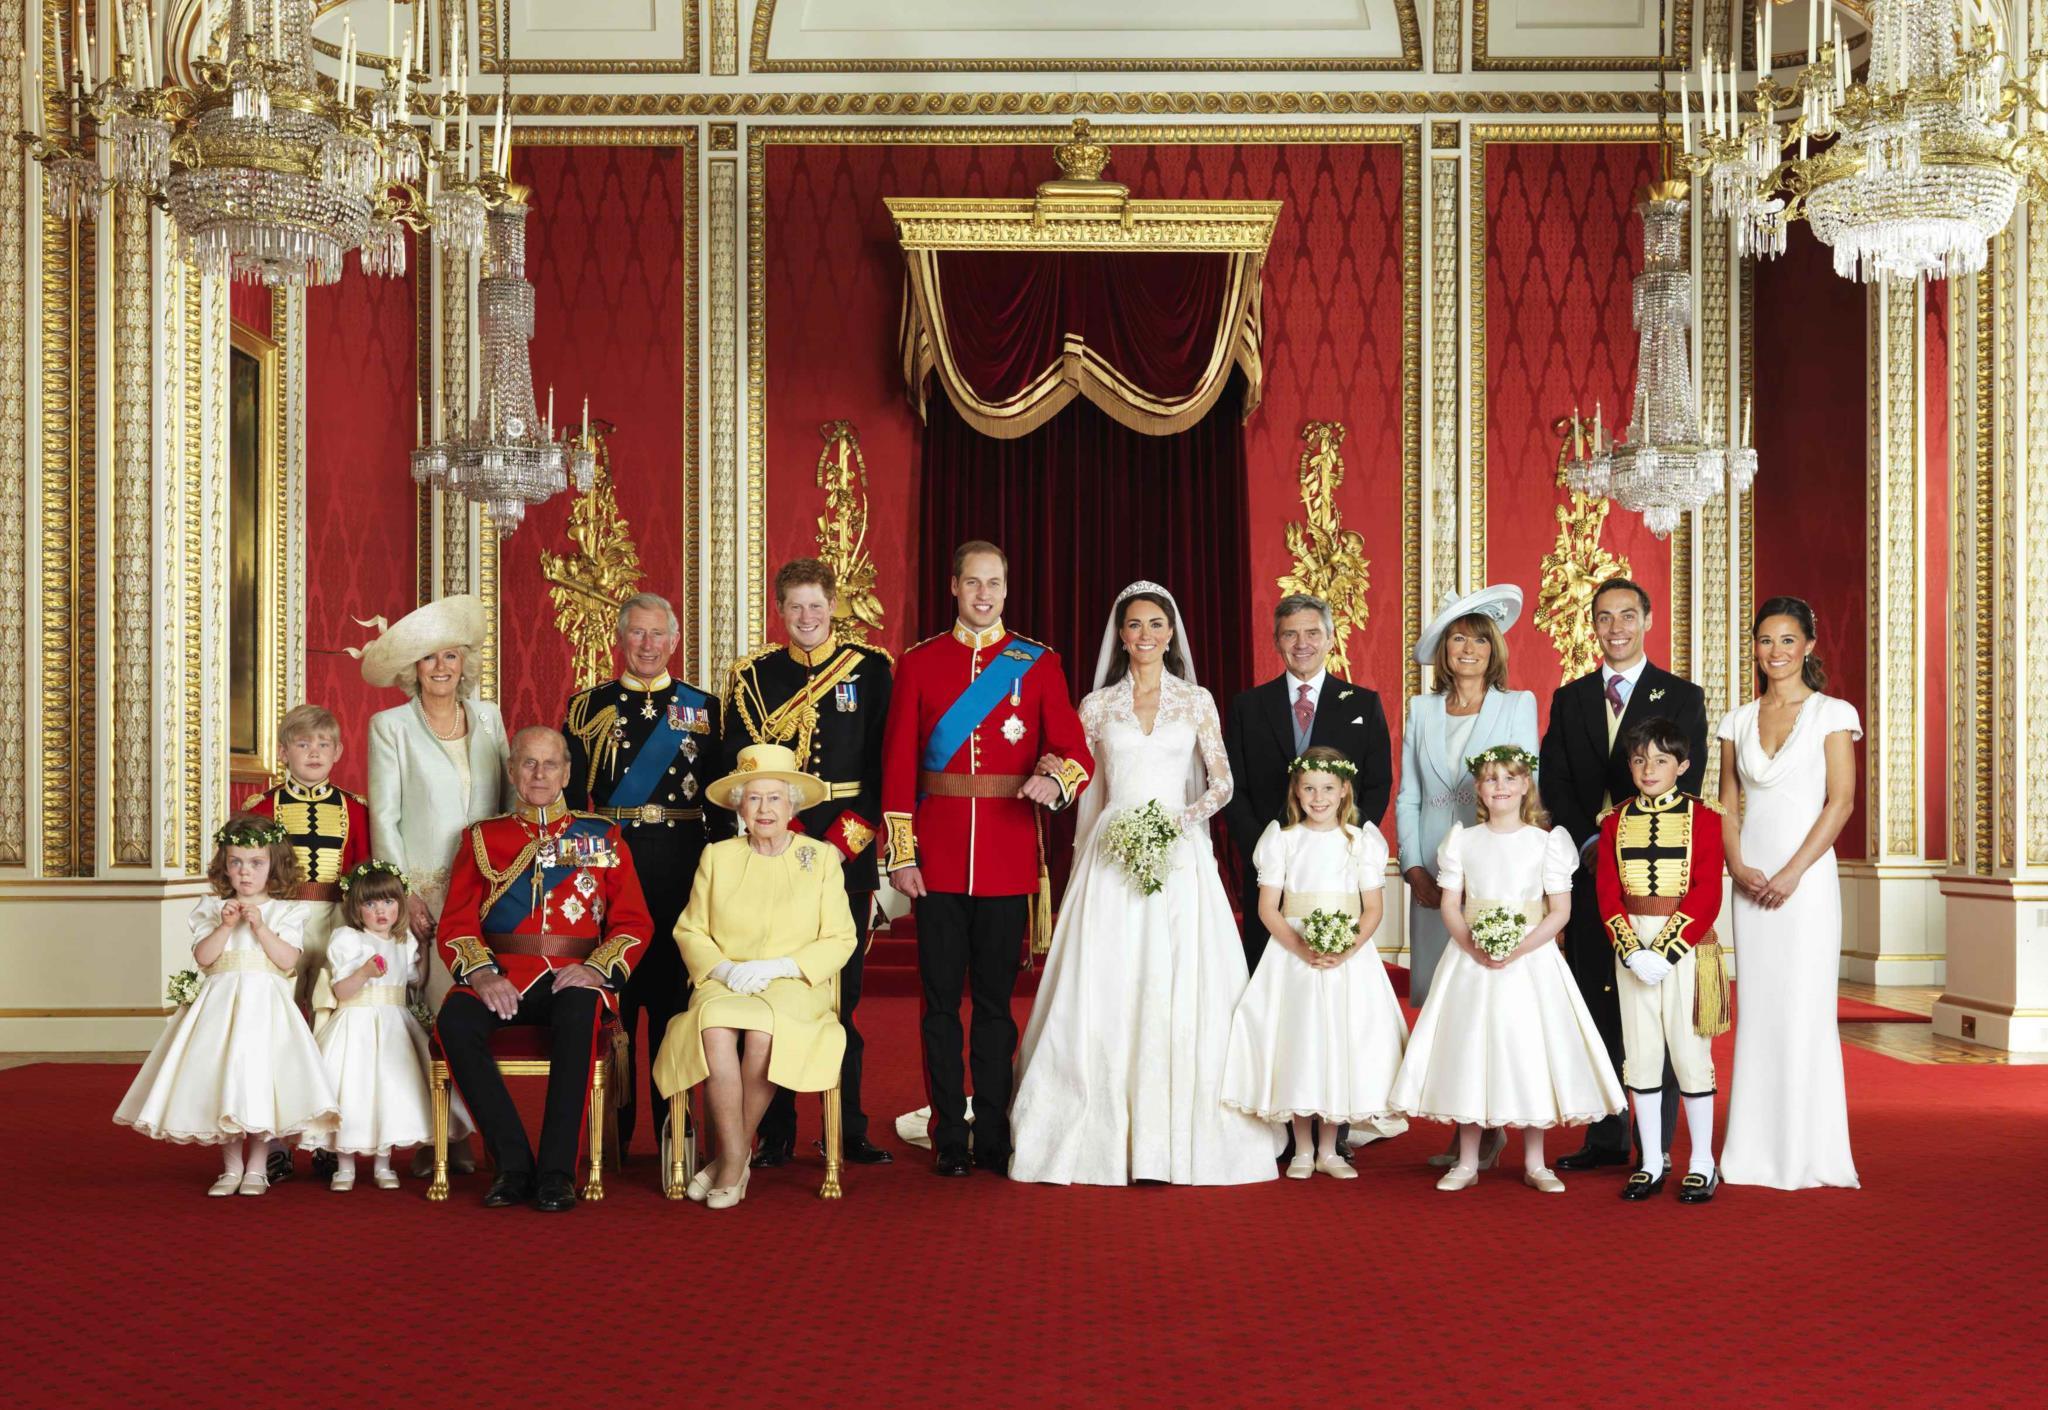 Fotografia oficial no dia do casamento do Príncipe William com a Duquesa de Cambridge Catherine em 2011